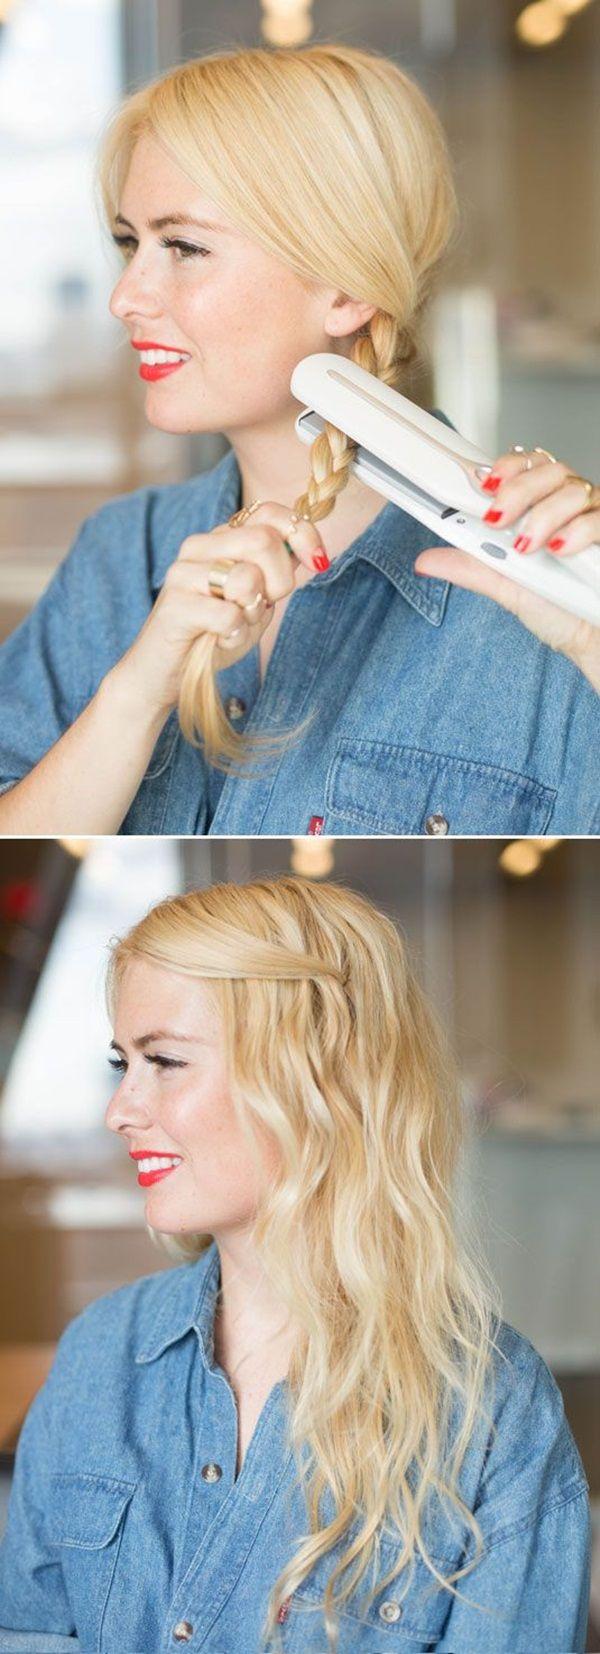 Ganz schnell ein paar Wellen zaubern! #Haarpracht #HairStyles #DIY #EuropaPassage #EuropaPassageHamburg #Styling #Fashion #Hamburgstyle #Frisuren